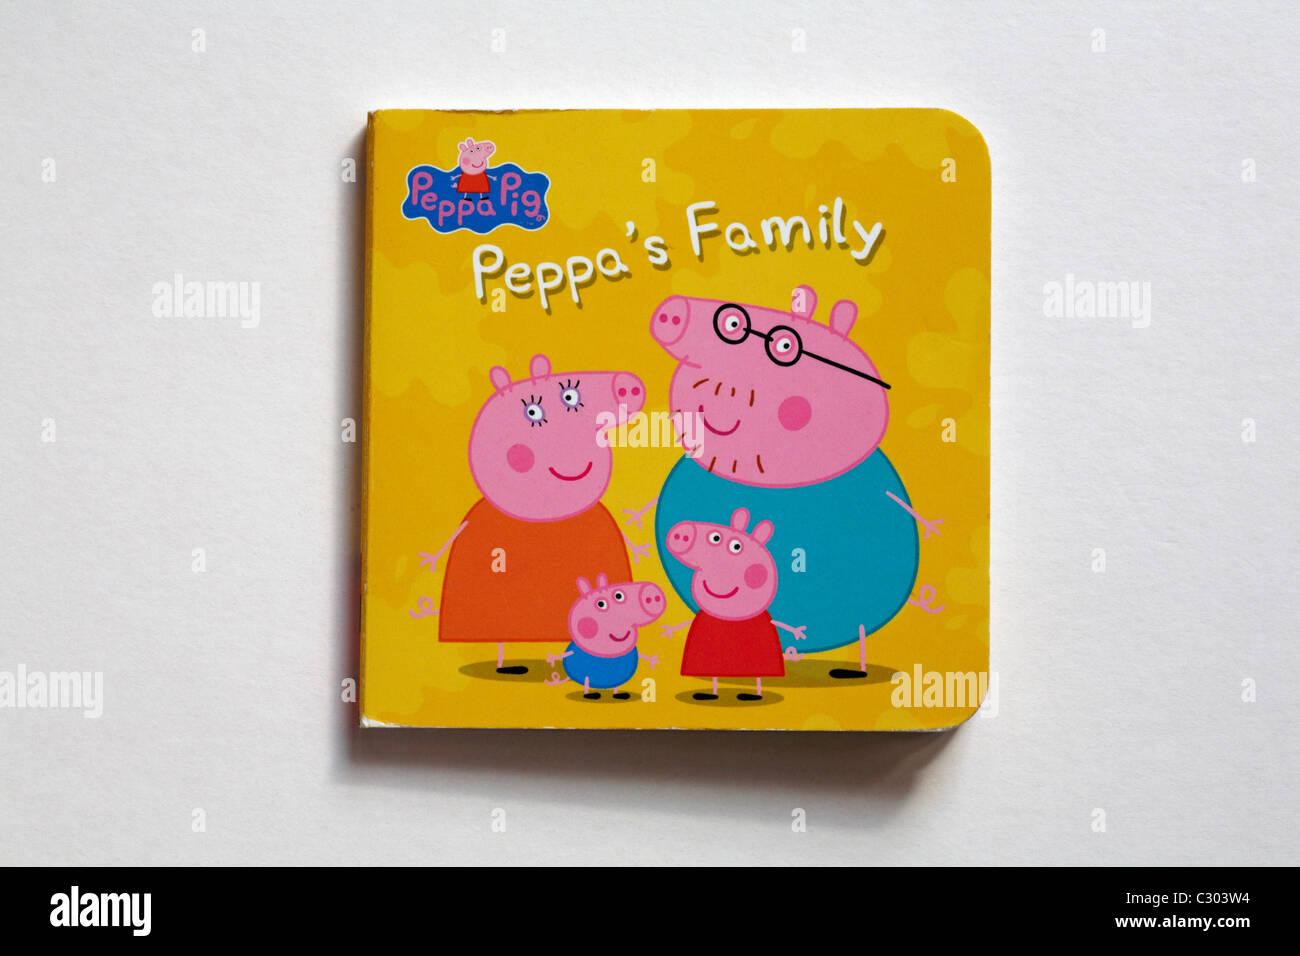 Peppa Pig Peppa la famiglia del libro per bambini isolati su sfondo bianco Immagini Stock